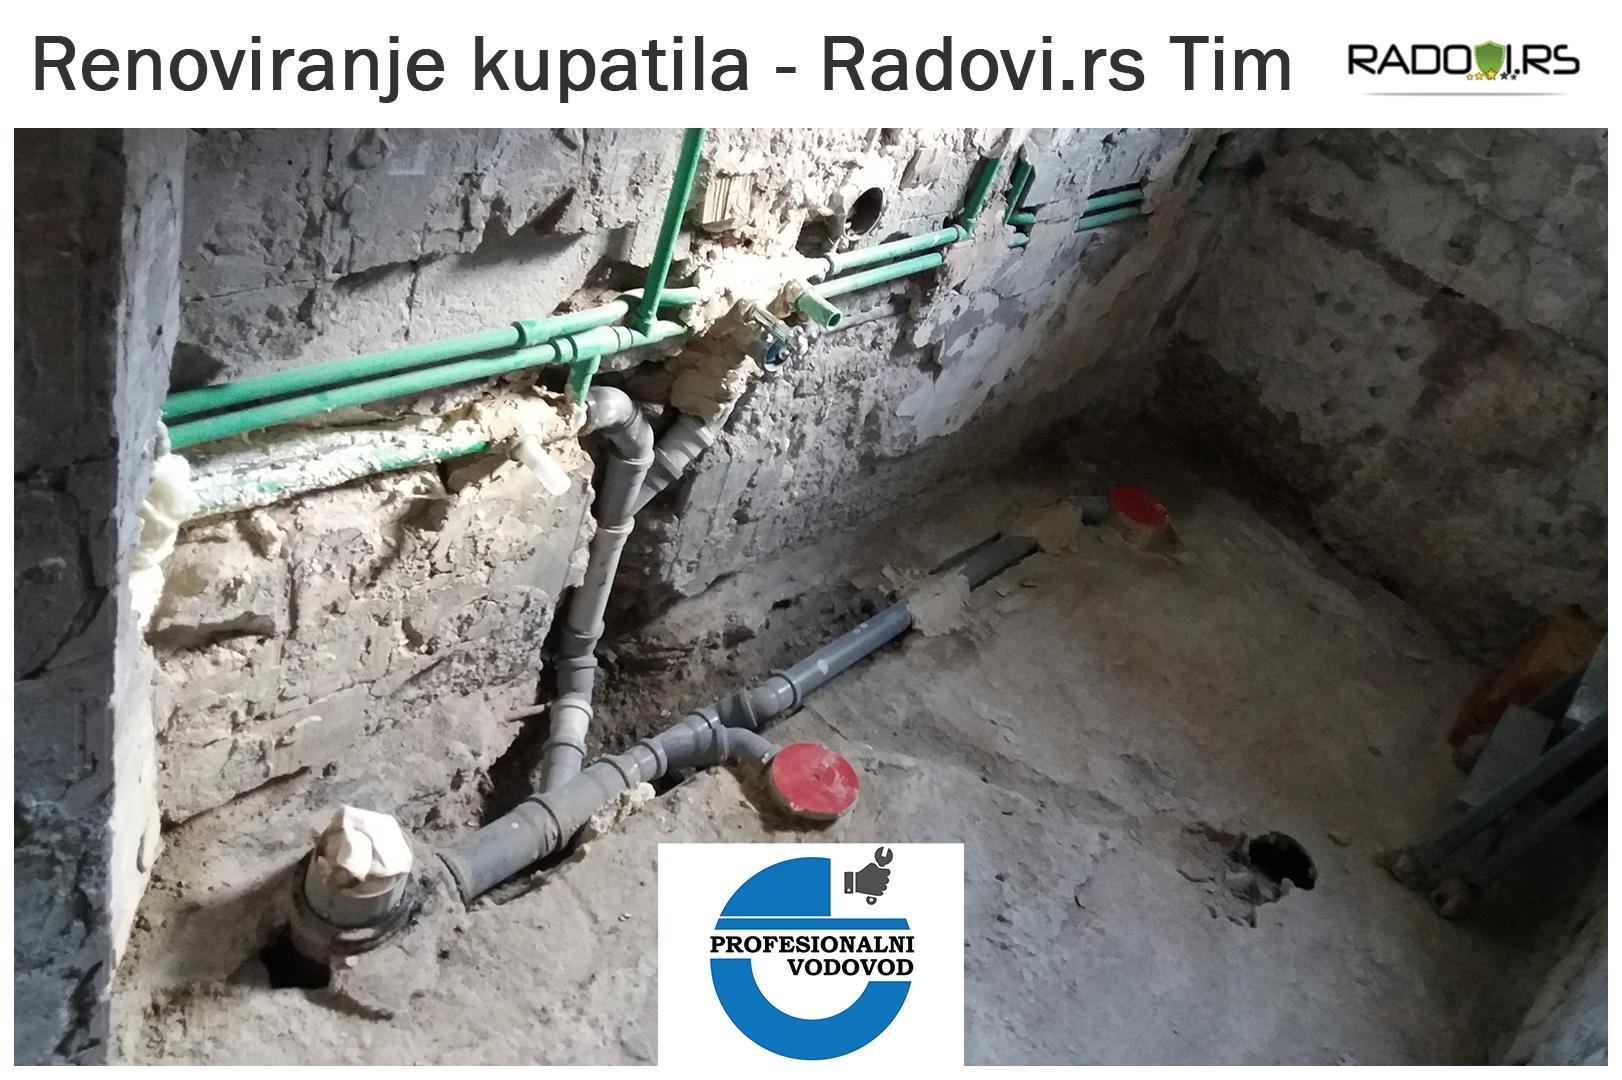 Renoviranje kupatila - pre i tokom radova - Radovi.rs Tim